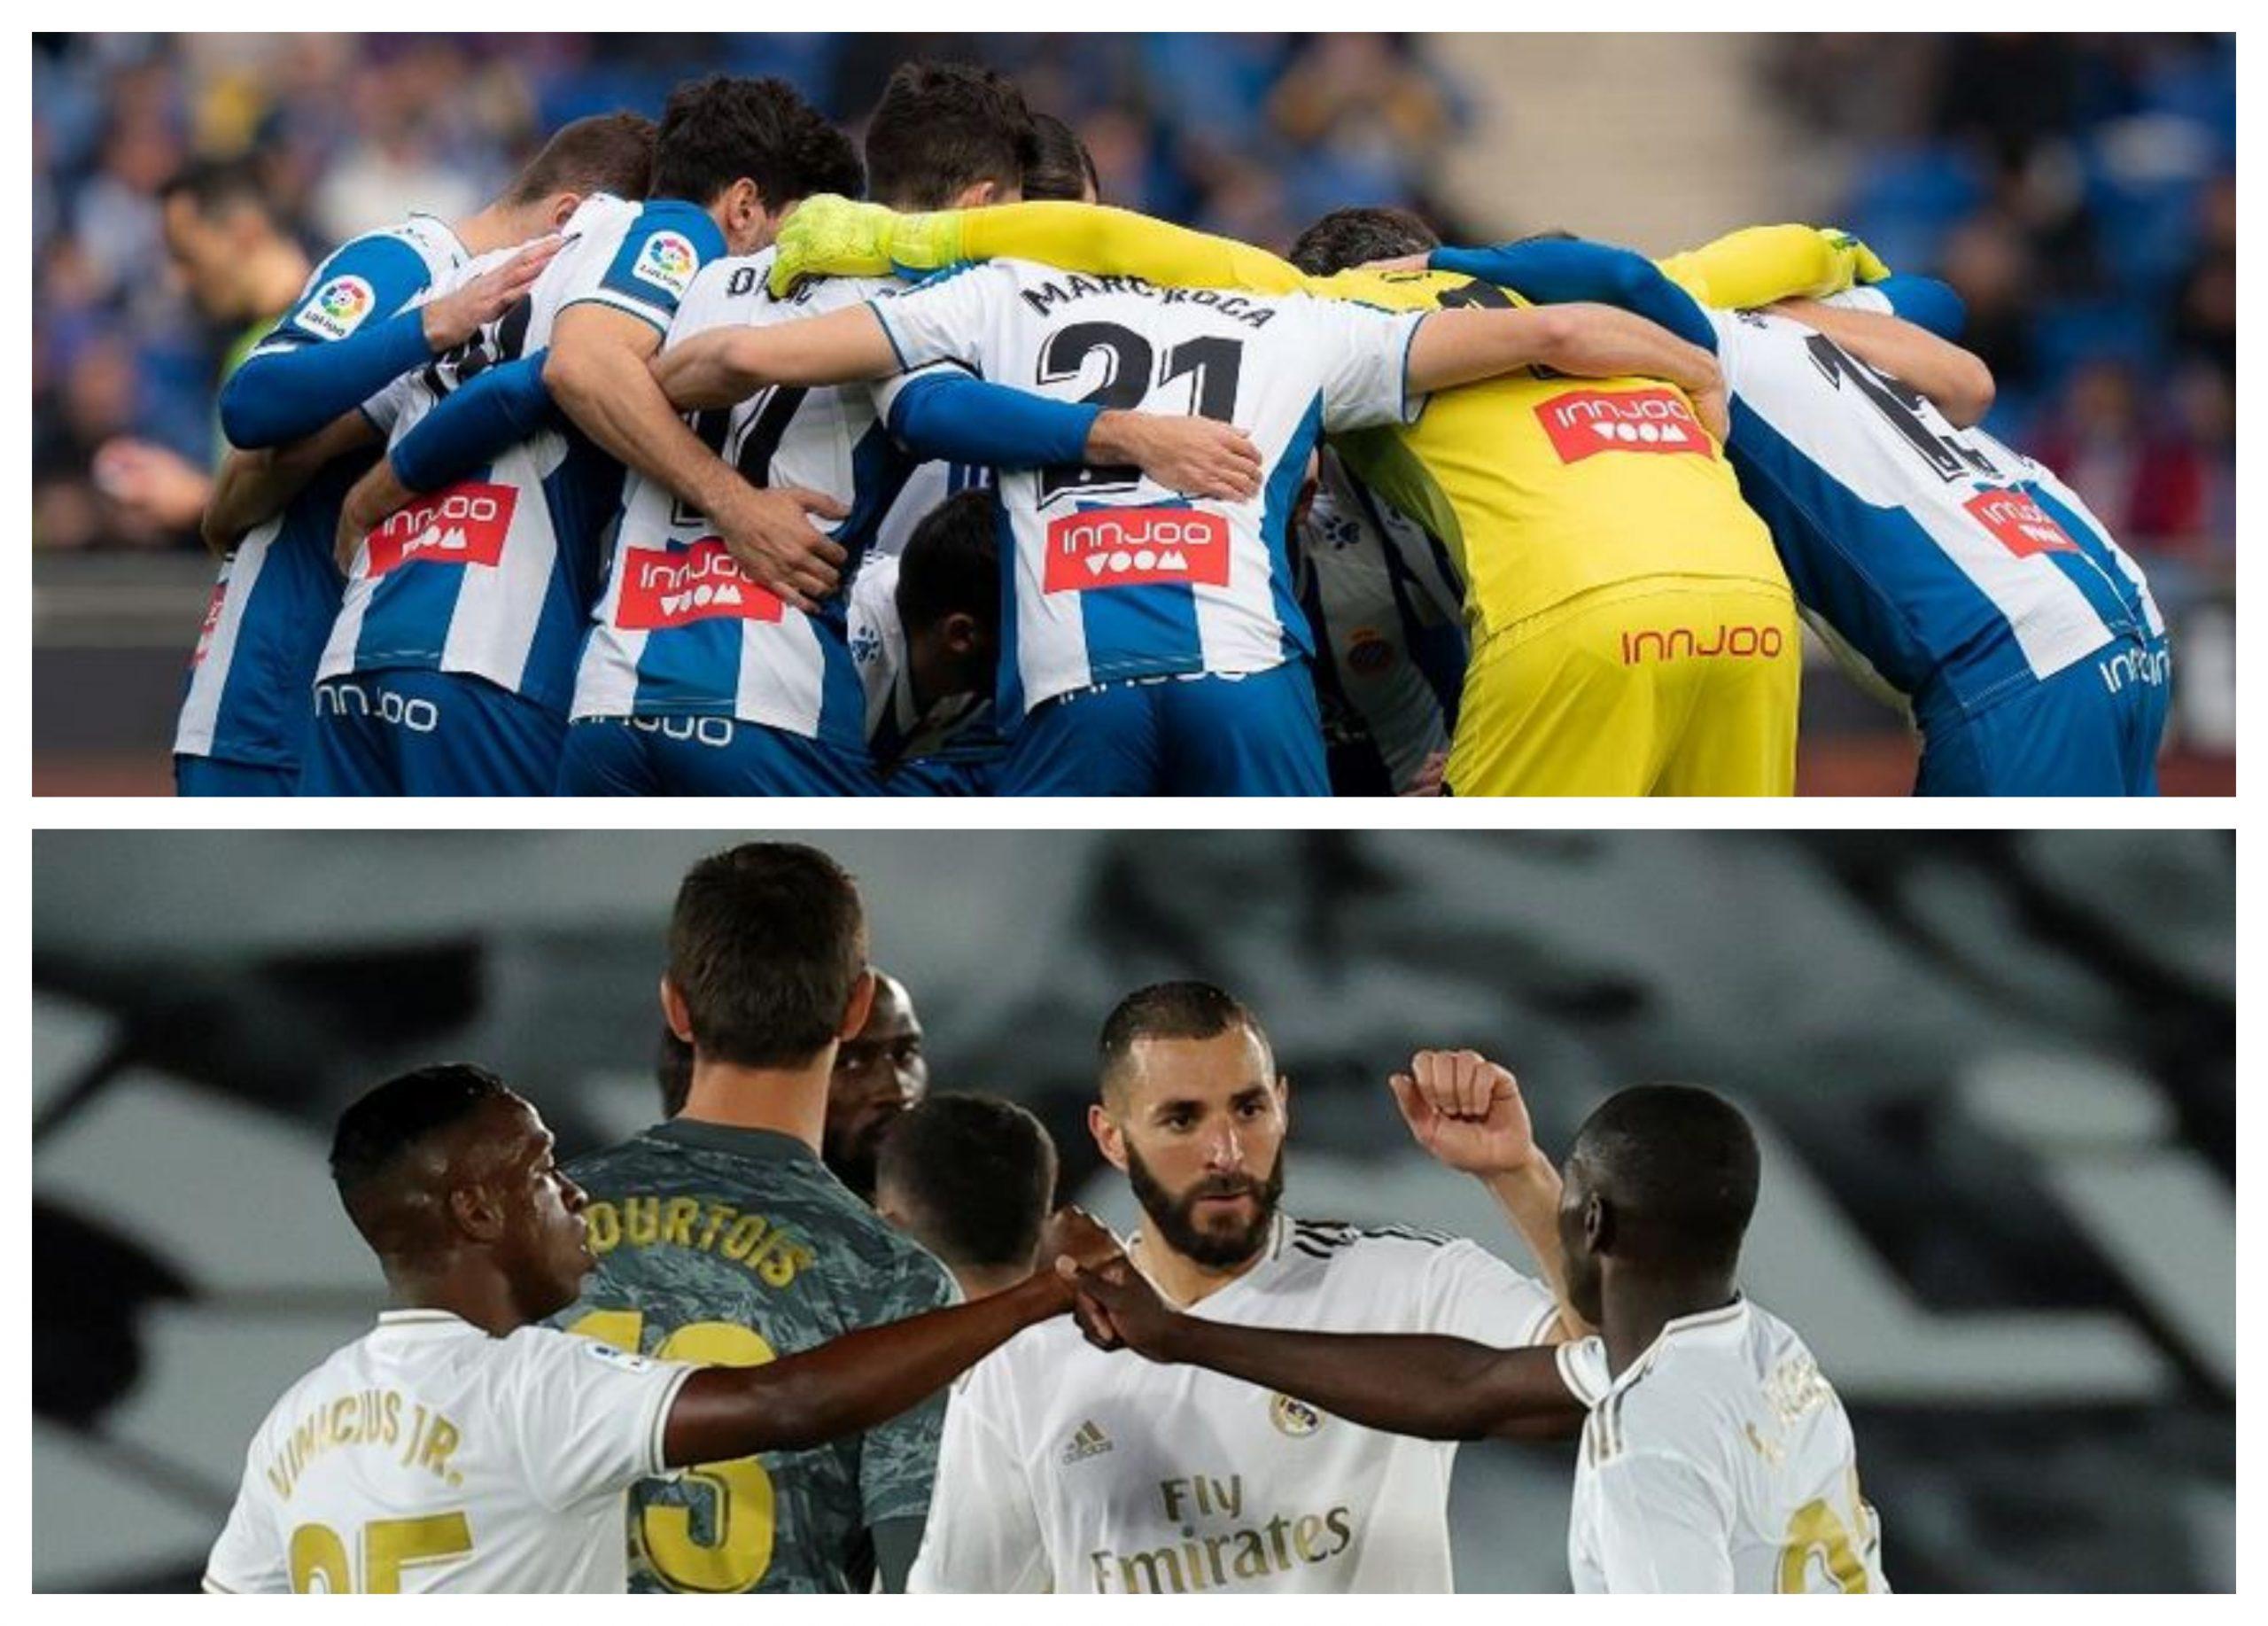 El Espanyol recibe en su casa el Real Madrid en uno de los partidos que cierra la jornada 32 de la Liga Española. (Foto: Twitter)